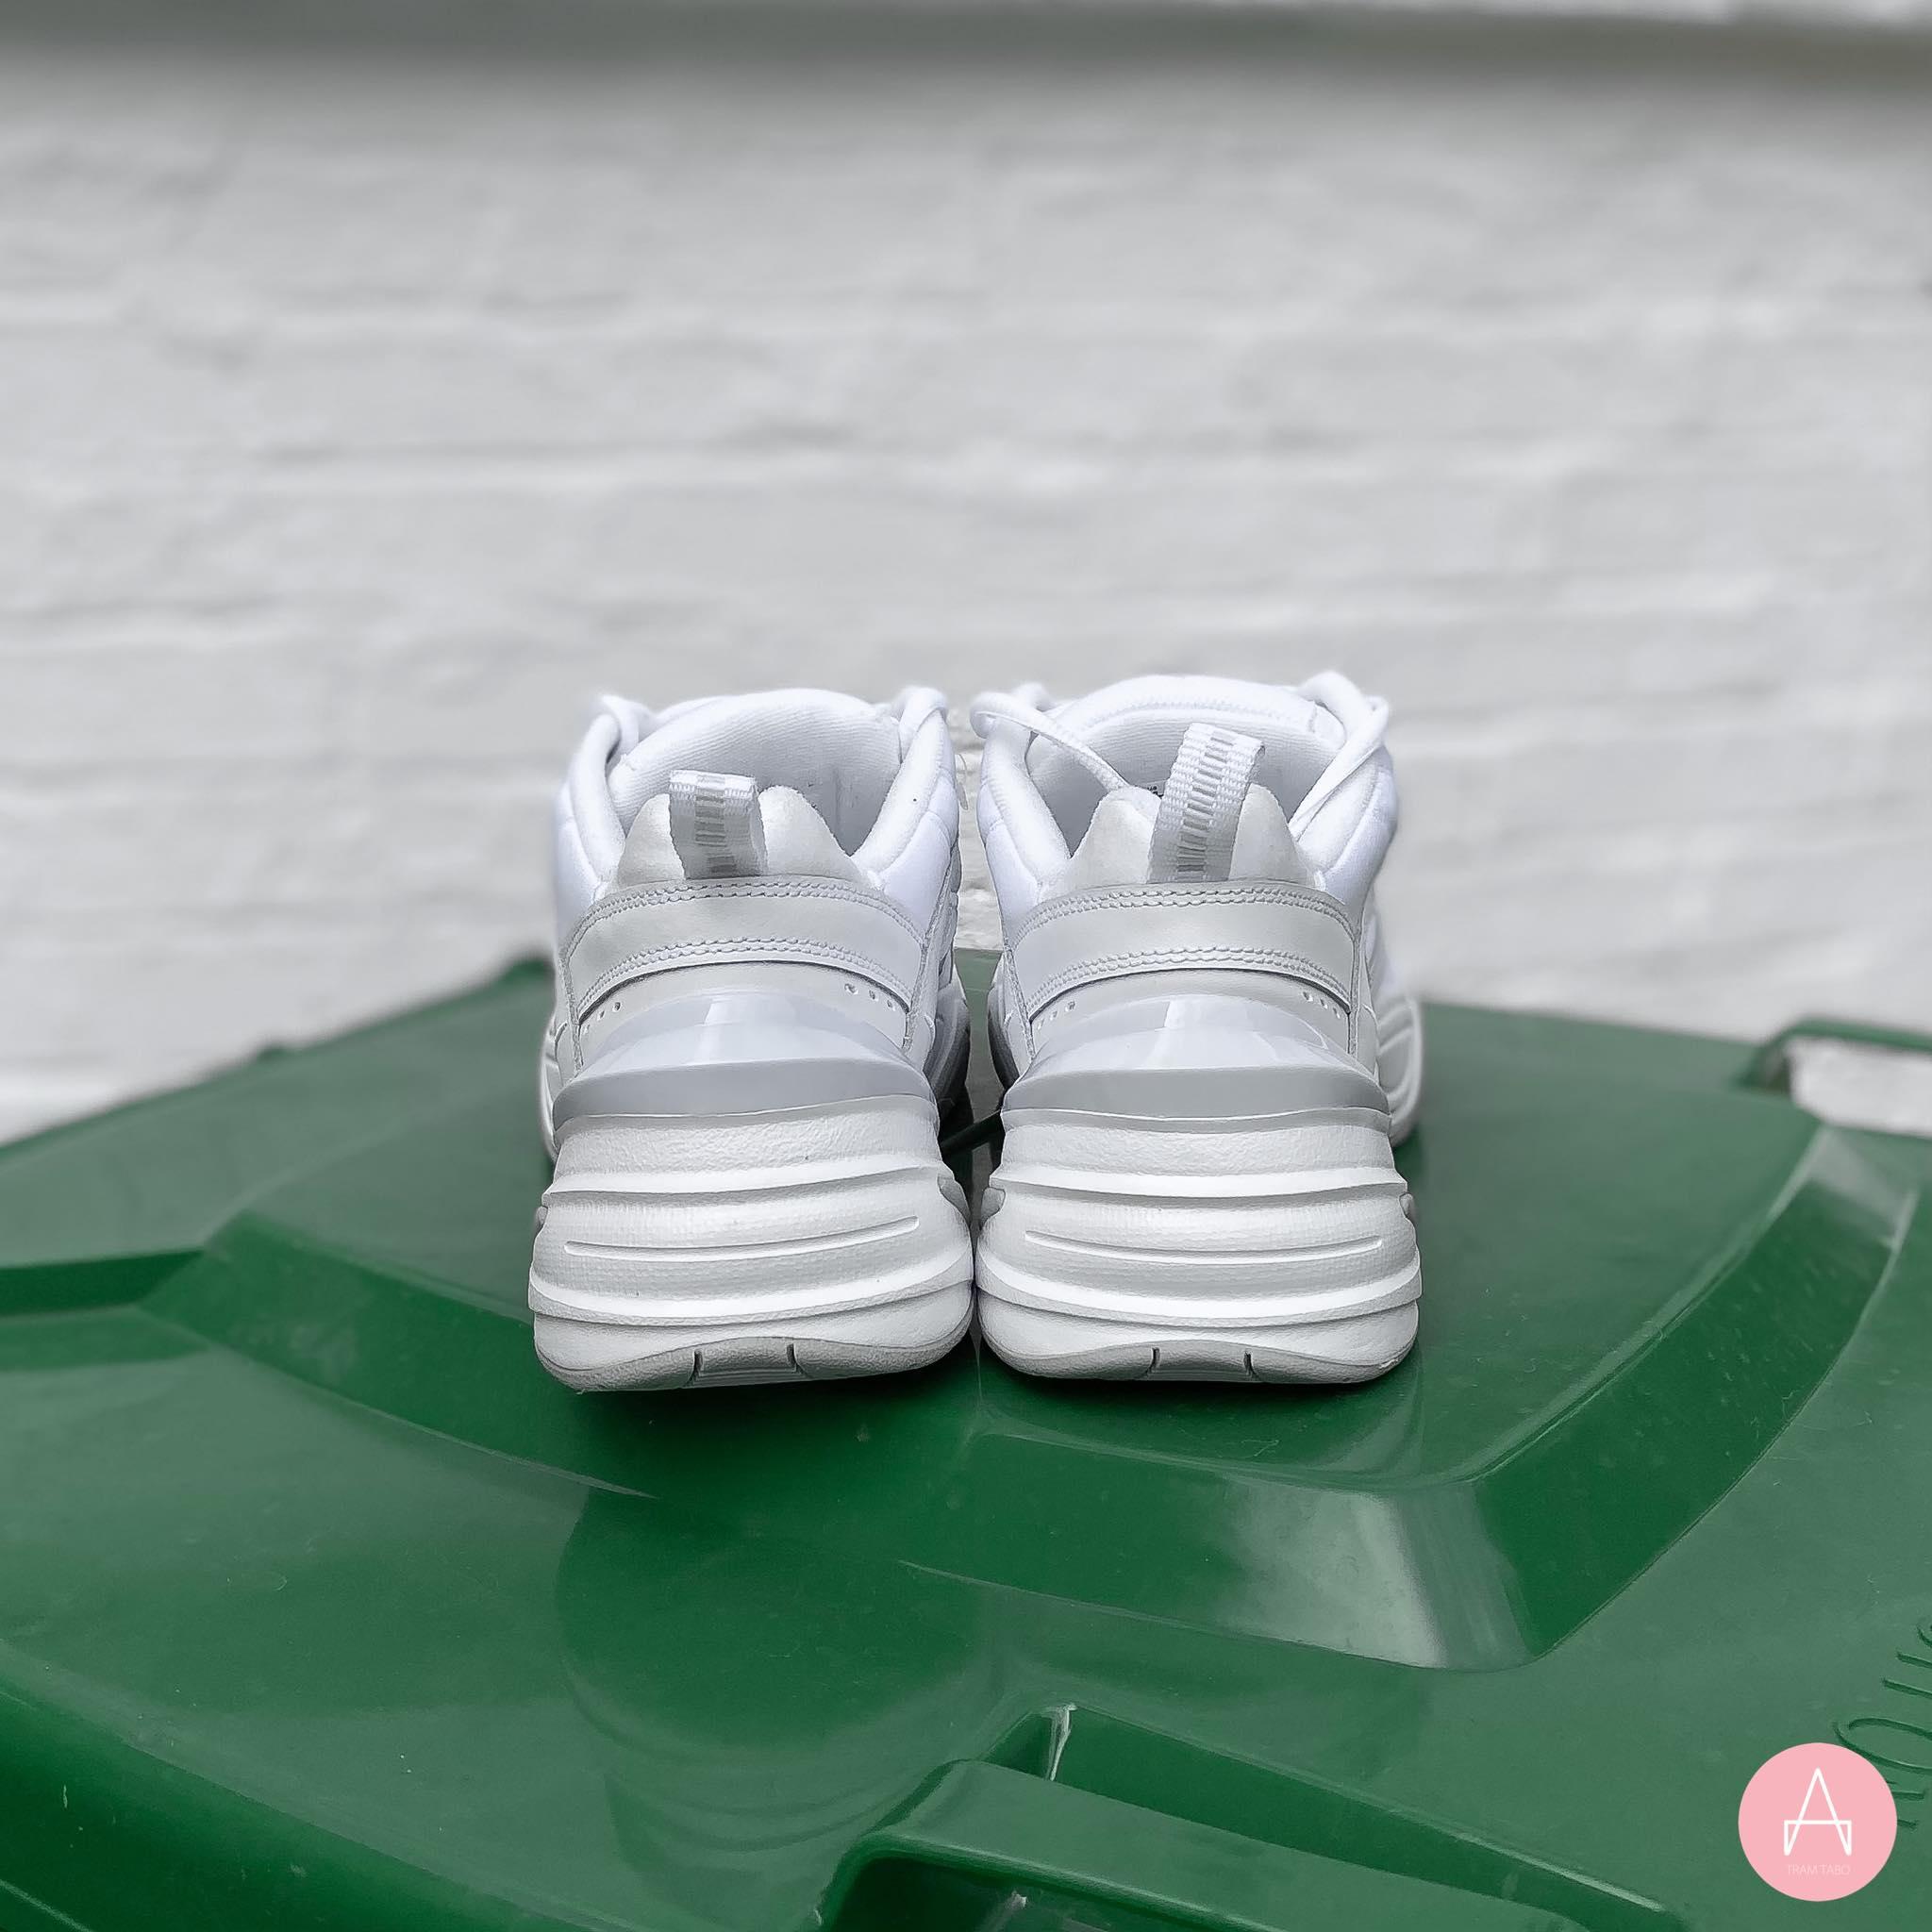 [AV4789-101] M NIKE M2K TEKNO ALL WHITE